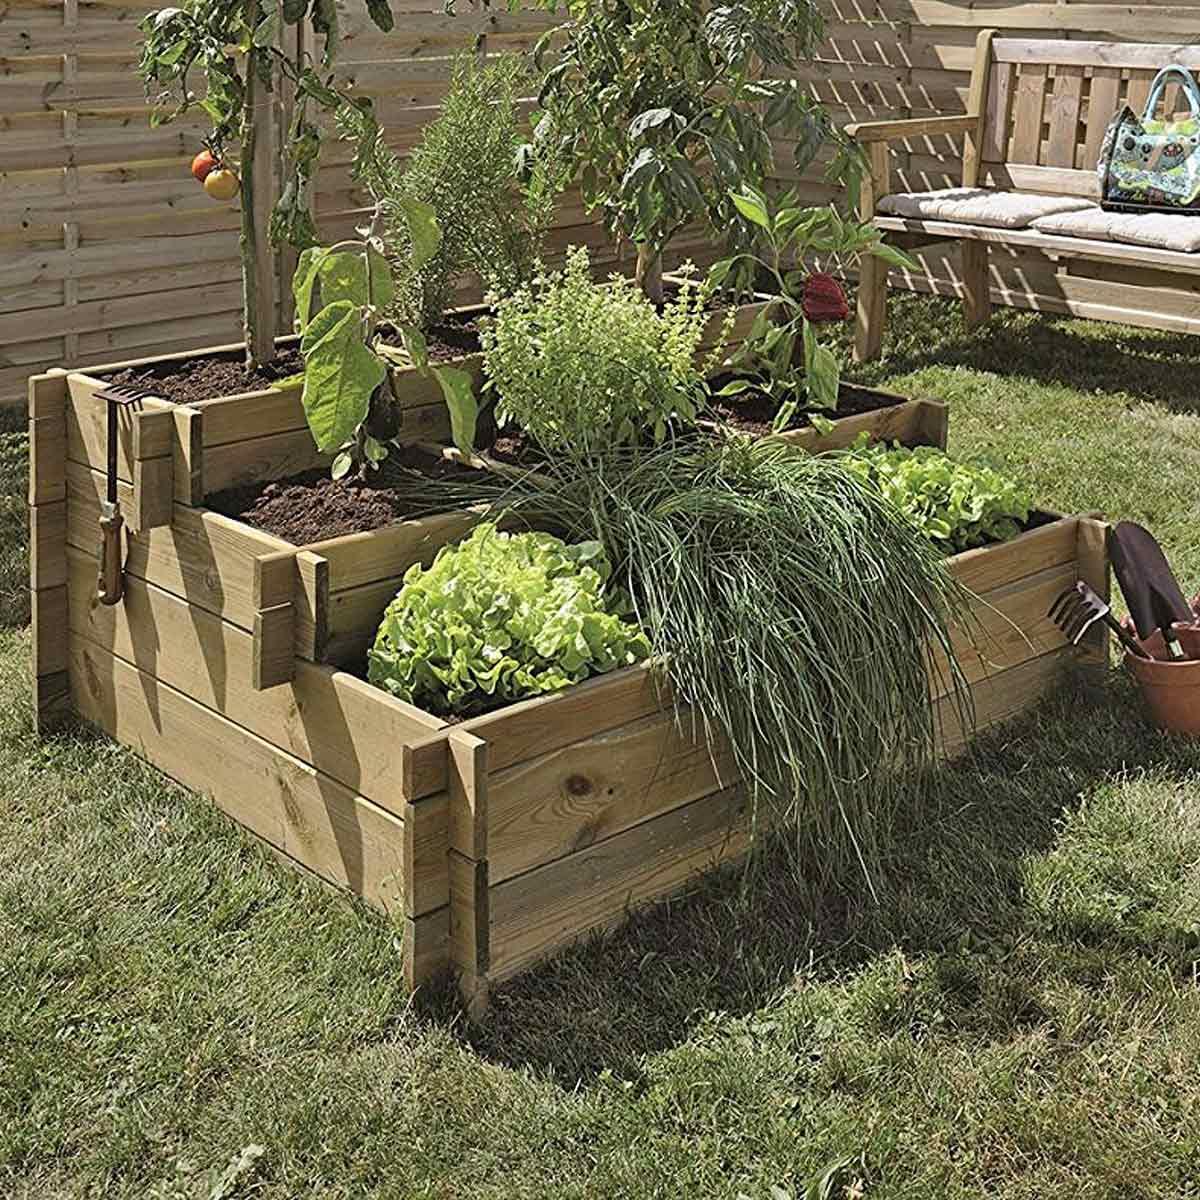 Planter Herbes Aromatiques Jardiniere carré potager, bac à fleurs et jardinière bois au meilleur